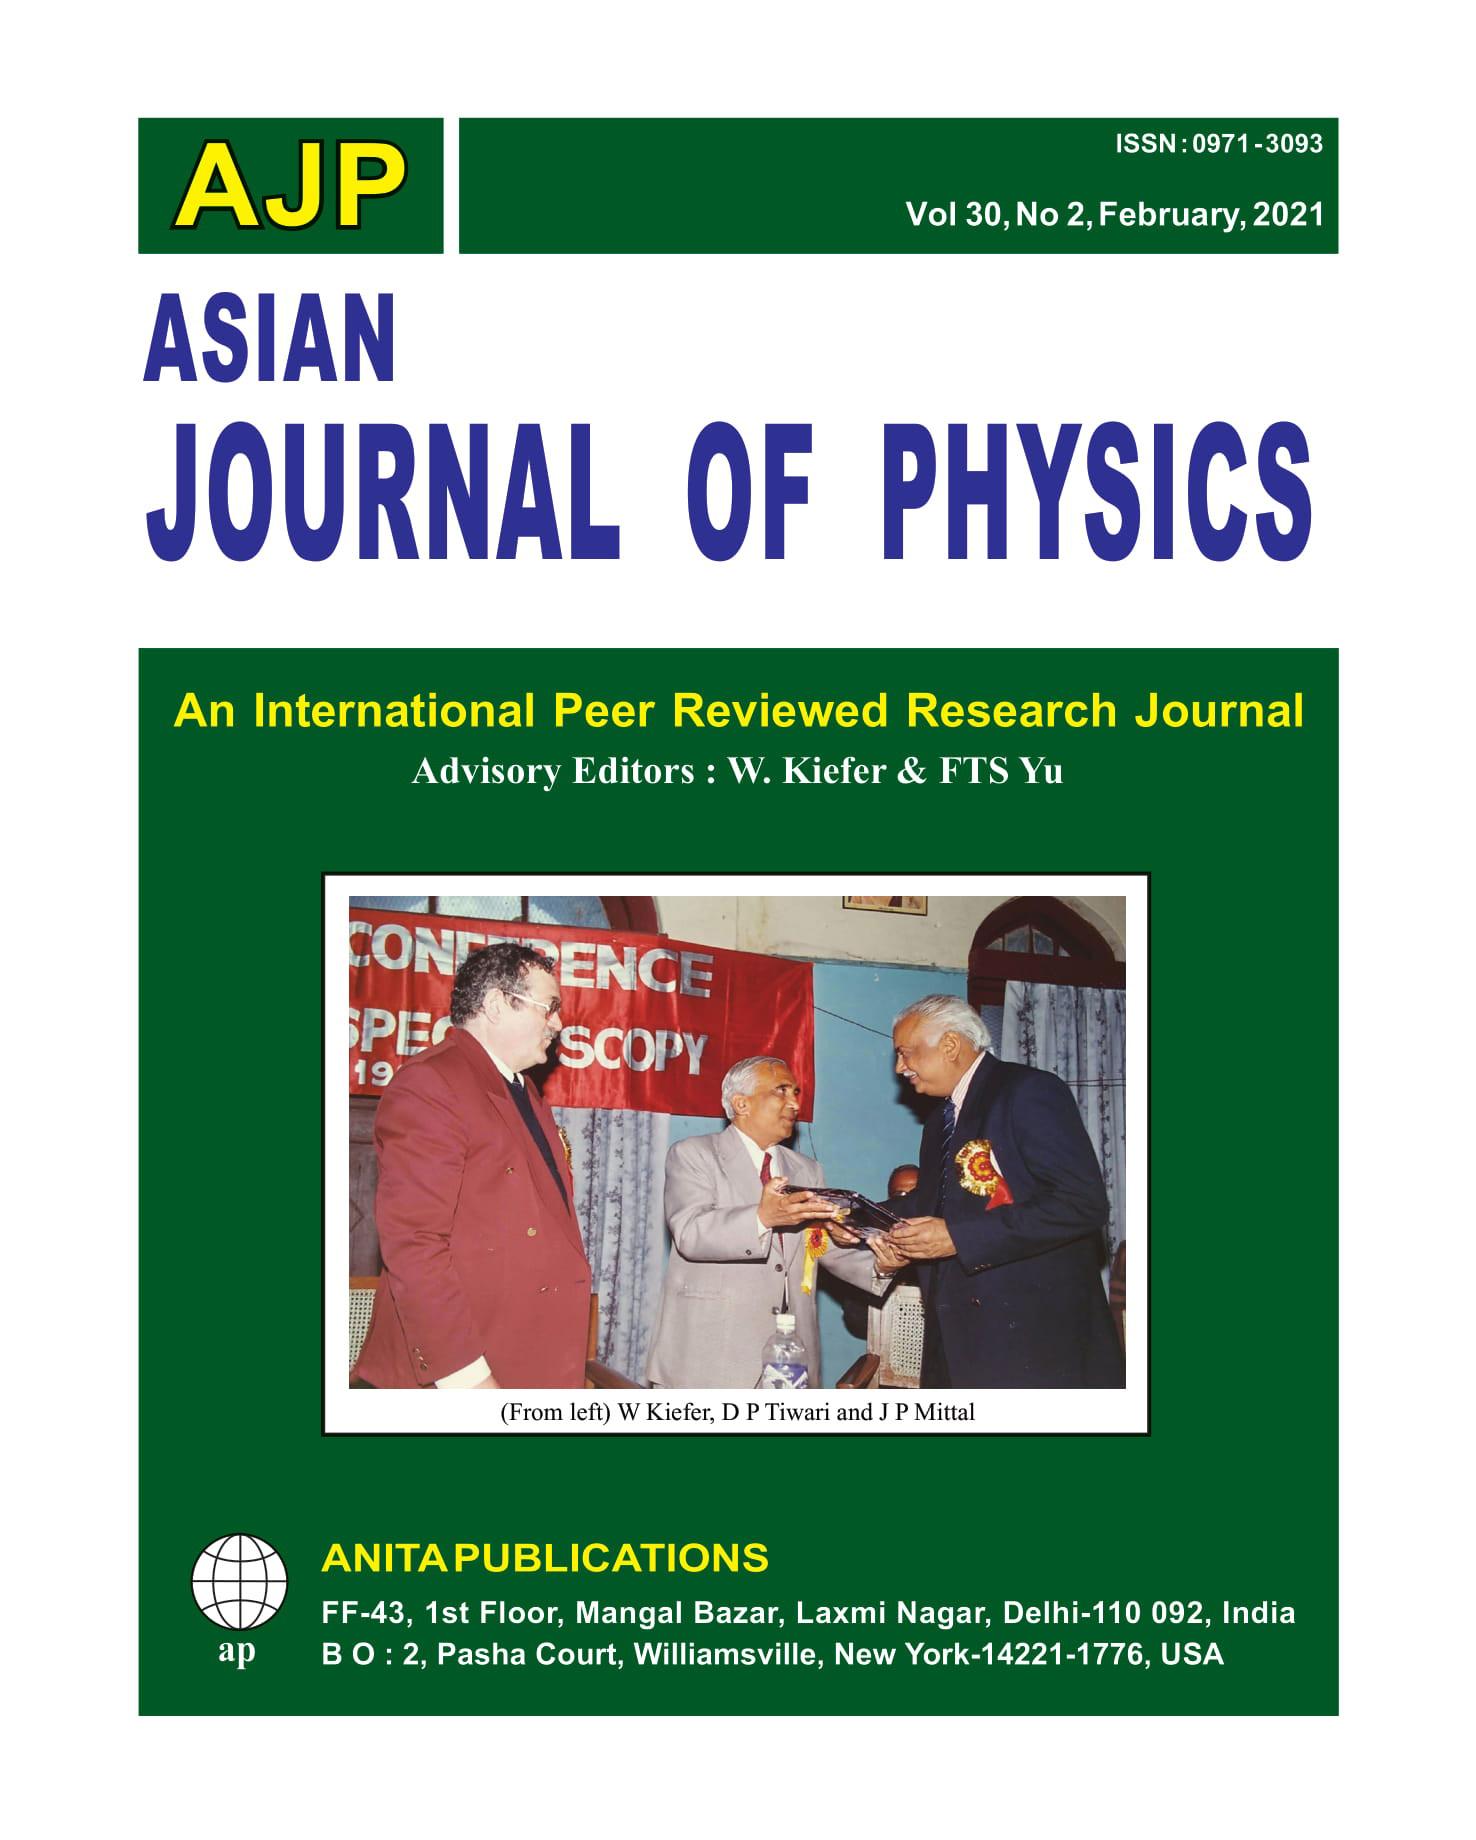 AJP Vol 30 No 2, 2021